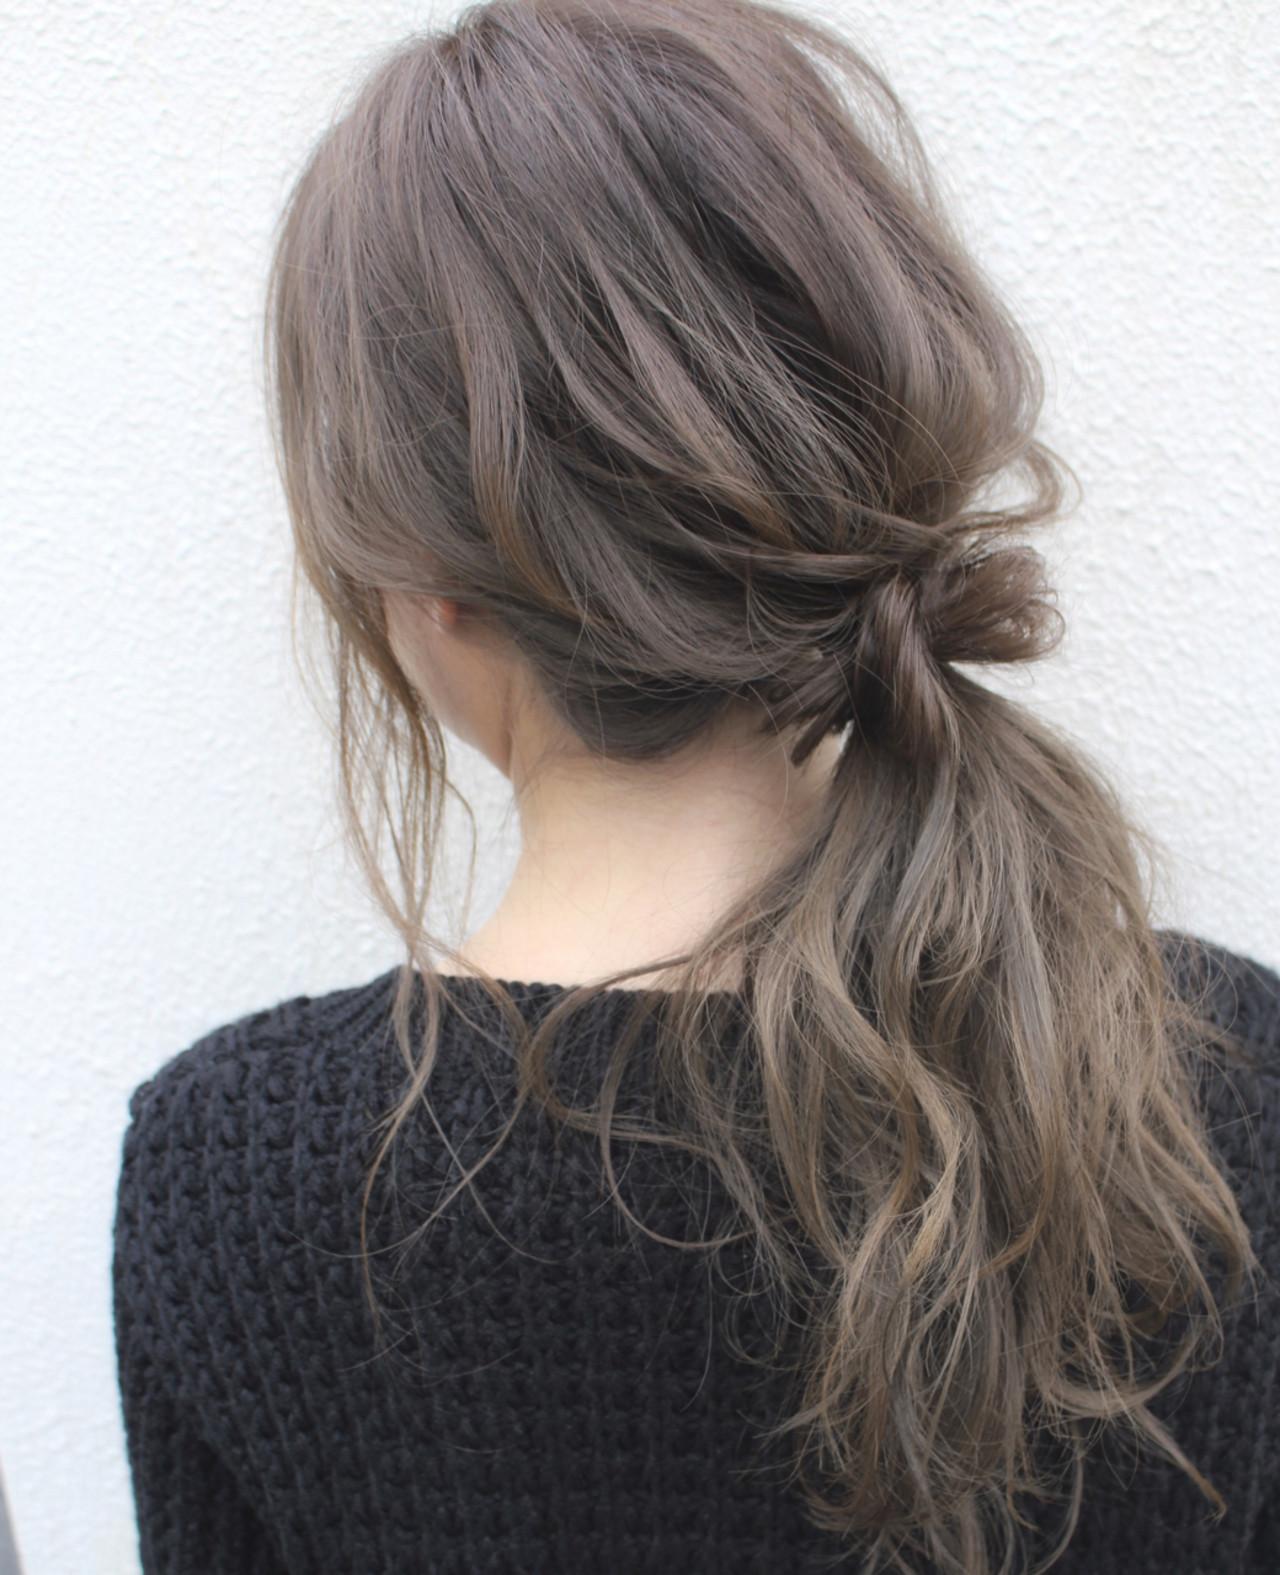 抜け感 ナチュラル デート セミロング ヘアスタイルや髪型の写真・画像 | サワ / Seamu